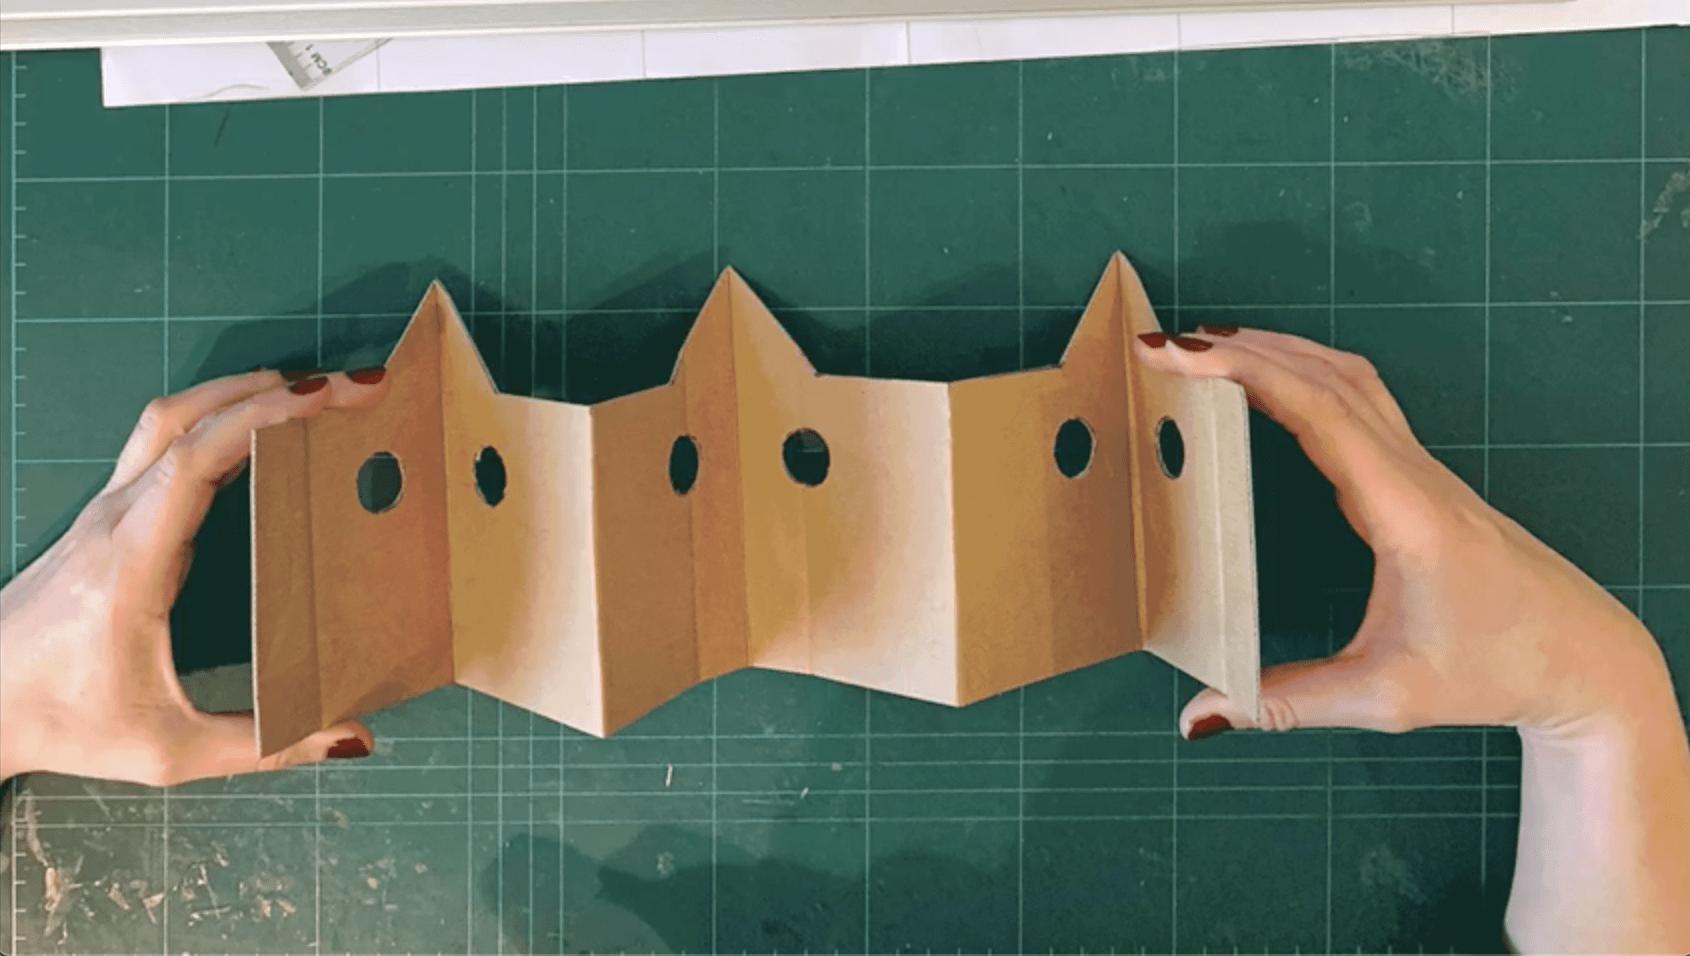 El Protector de manillas DIY que evita contagios que puedes construir gratis 76